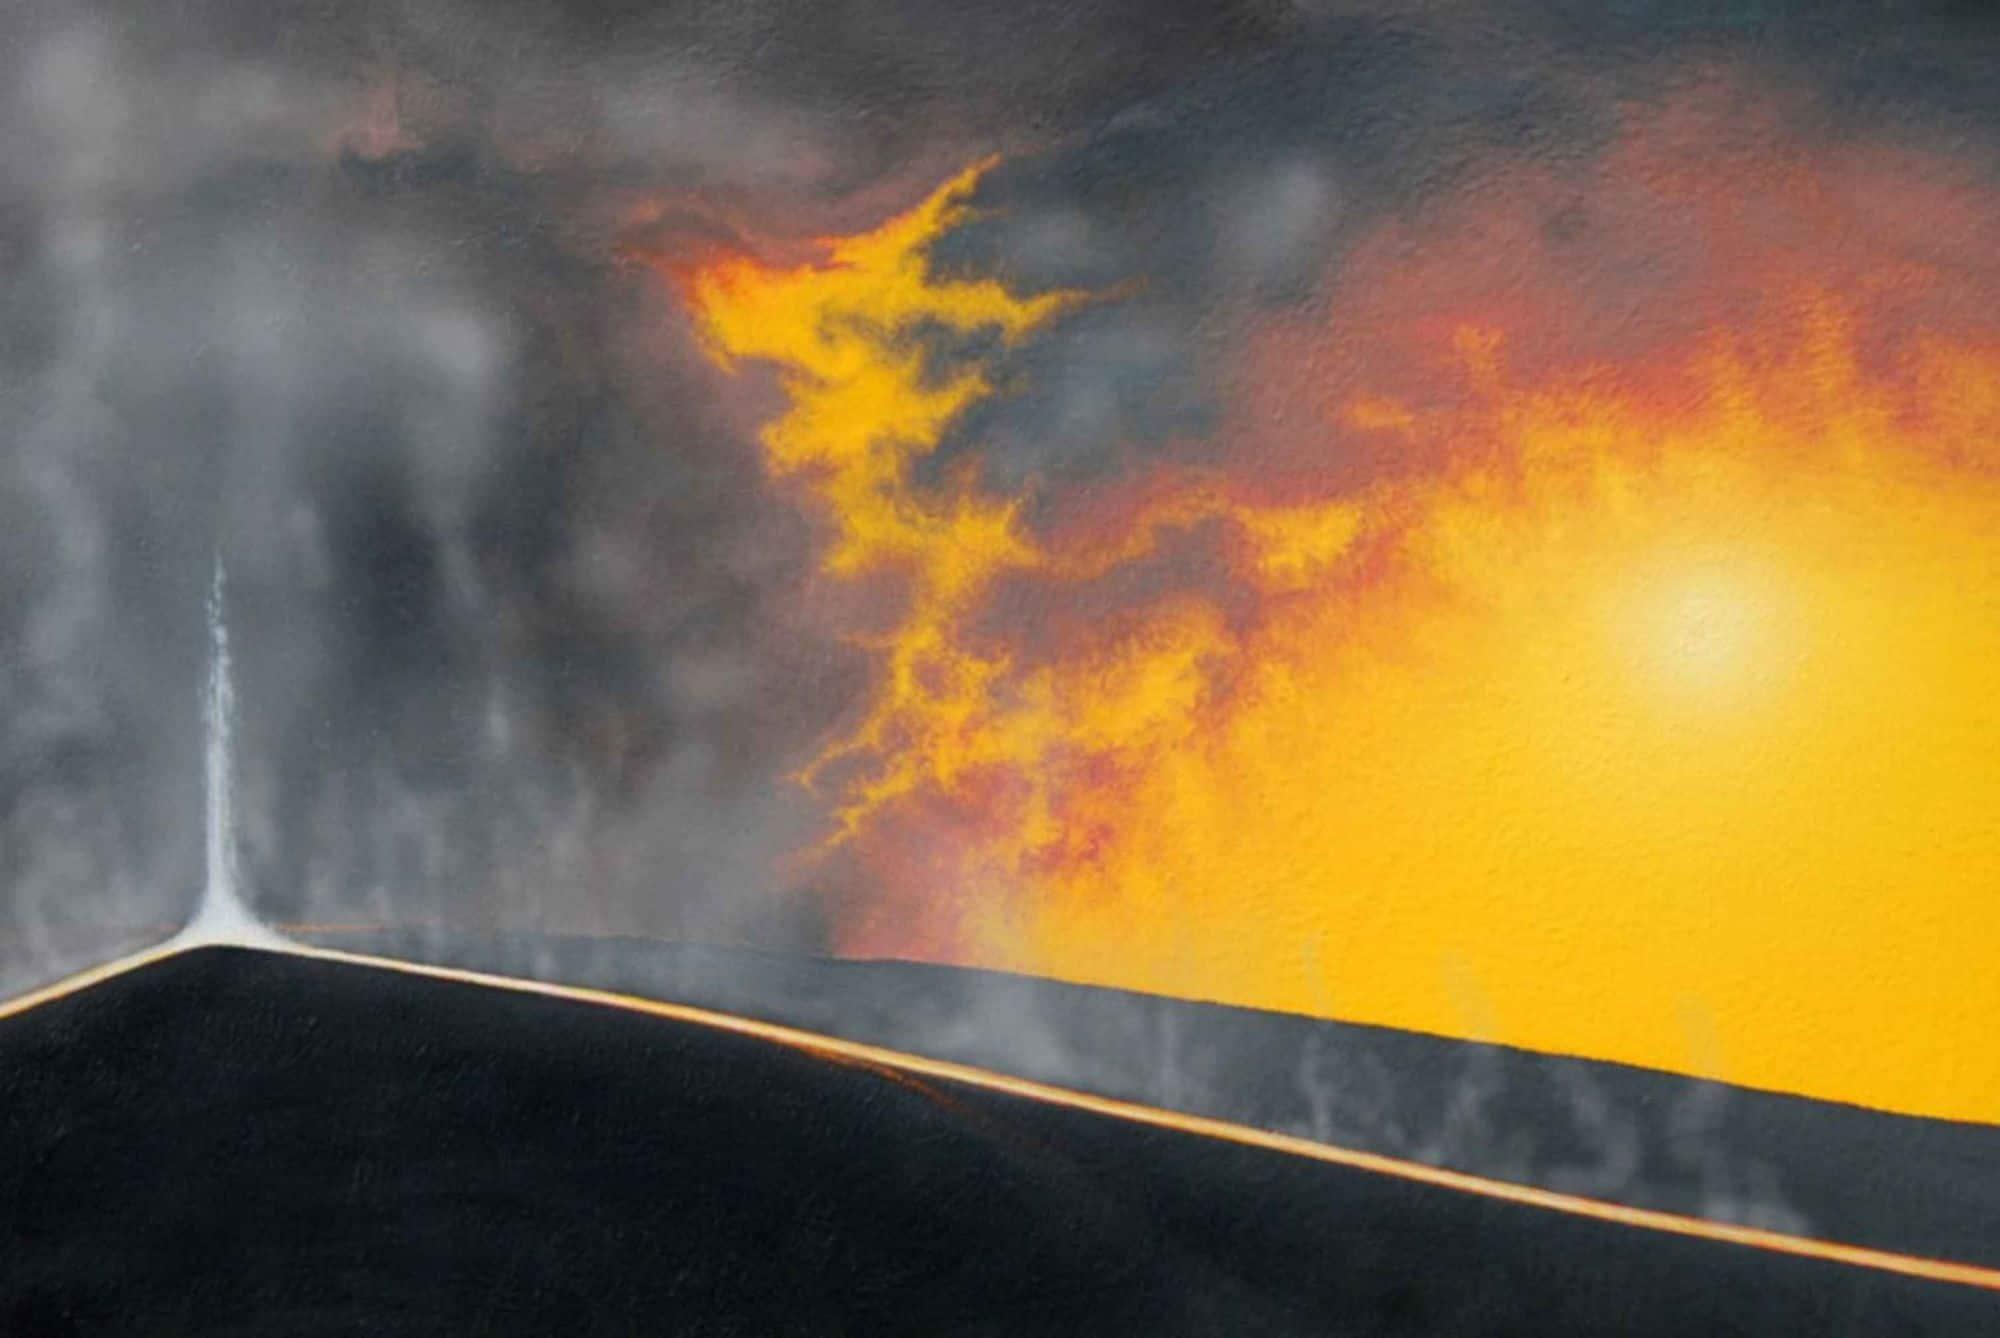 التدفقات الأخيرة من الحمم البركانية شديدة السخونة تظهر لنا مدى ديناميكية الأرض